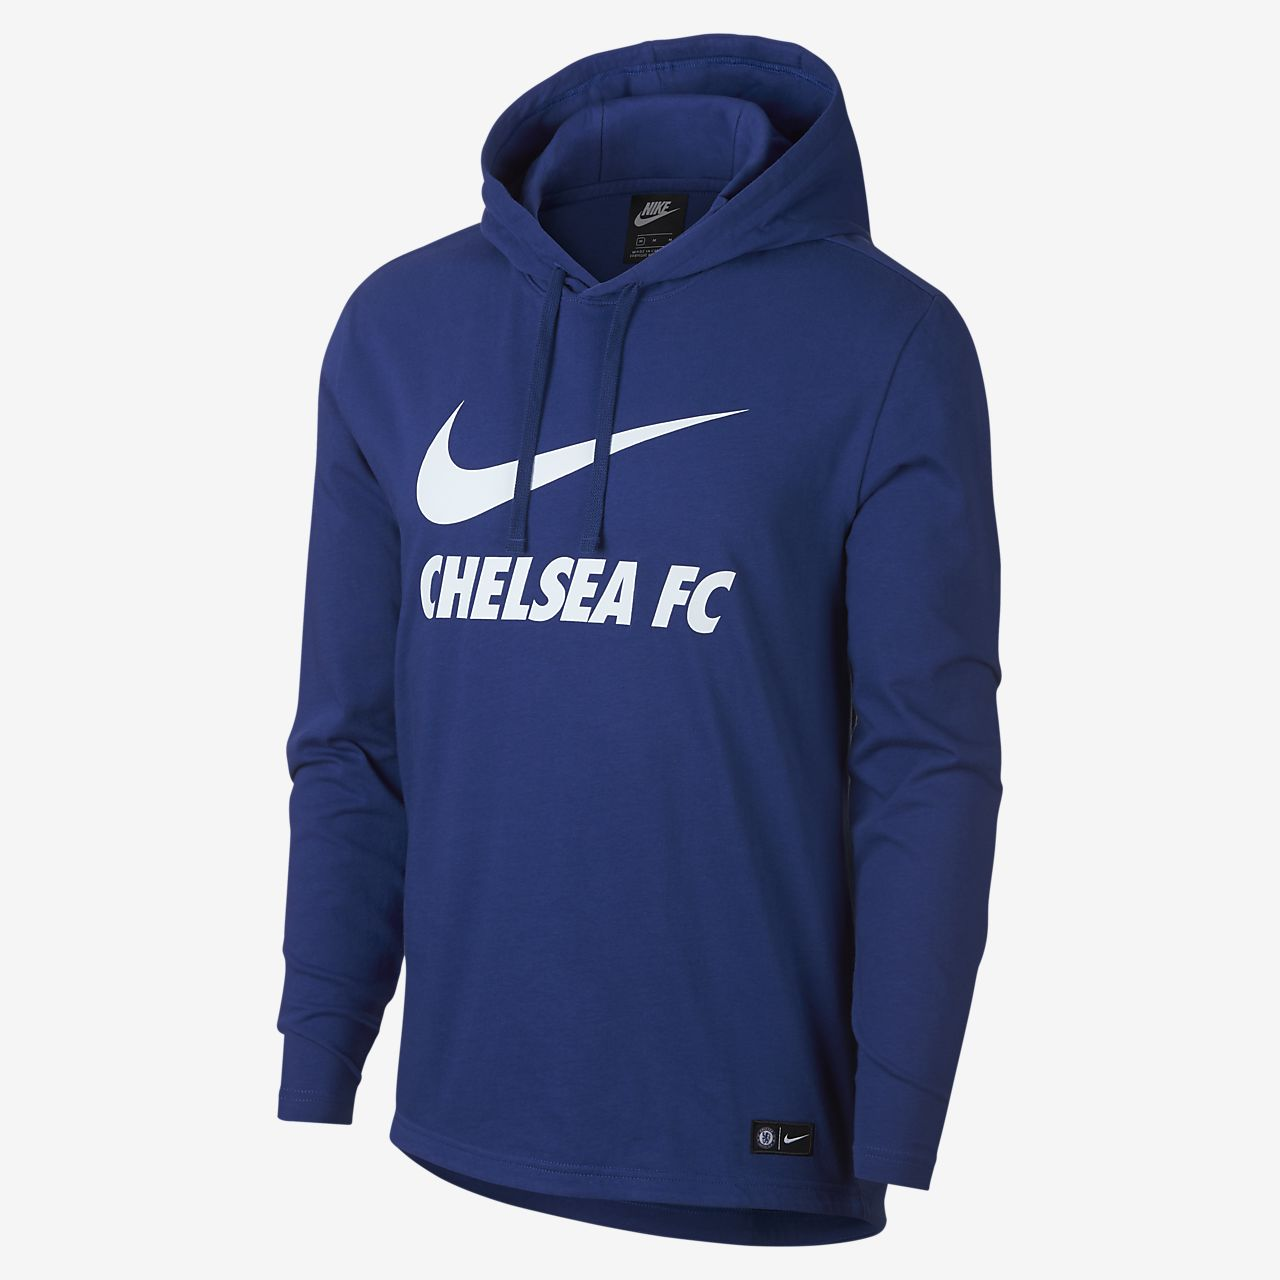 24468e63d857f Chelsea FC Sudadera con capucha - Hombre. Nike.com ES